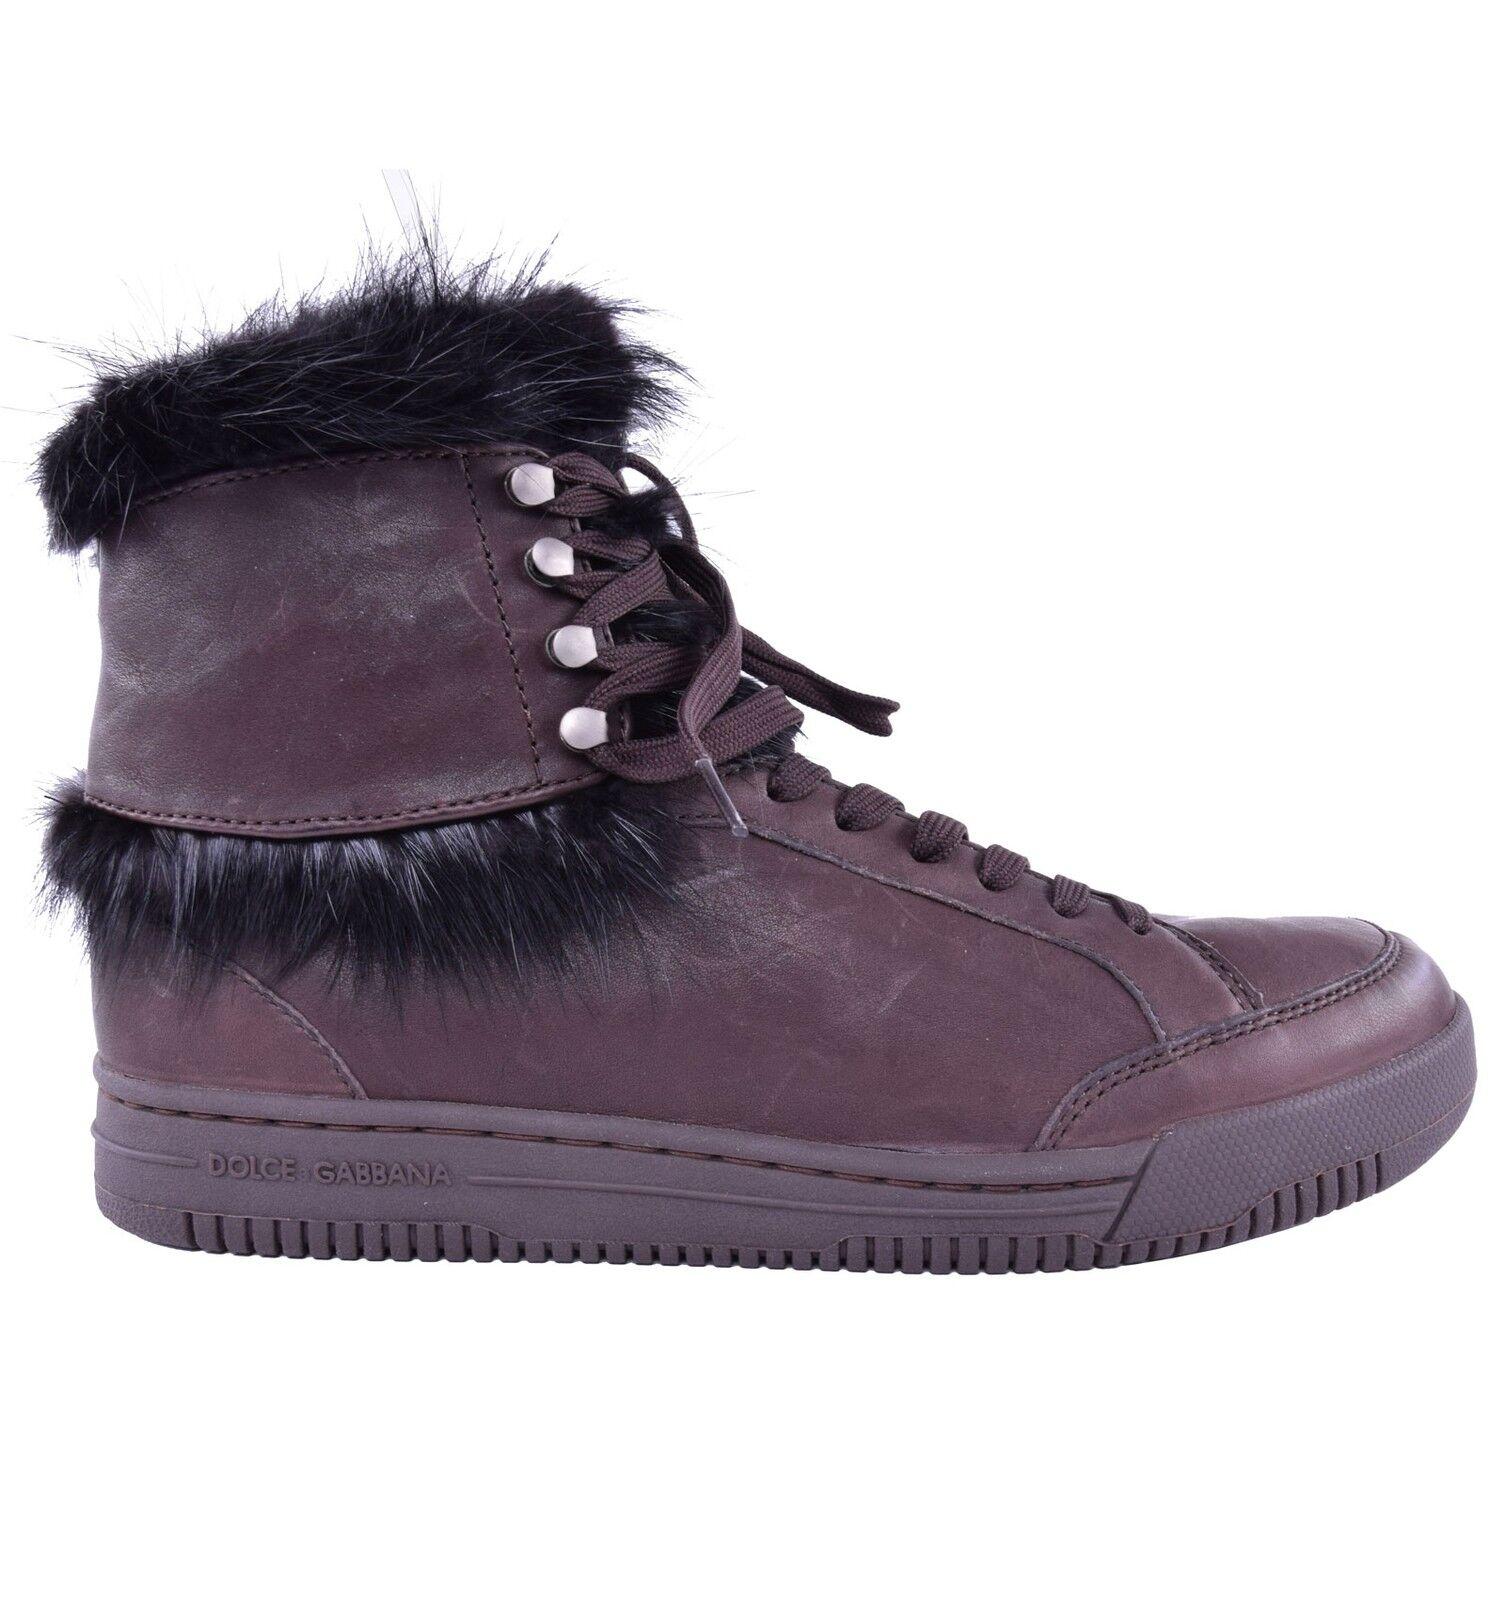 DOLCE & GABBANA High-Top Zapatos Pelz Sneaker Braun Fur Zapatos High-Top Sneakers Marrón 03959 46ba7c